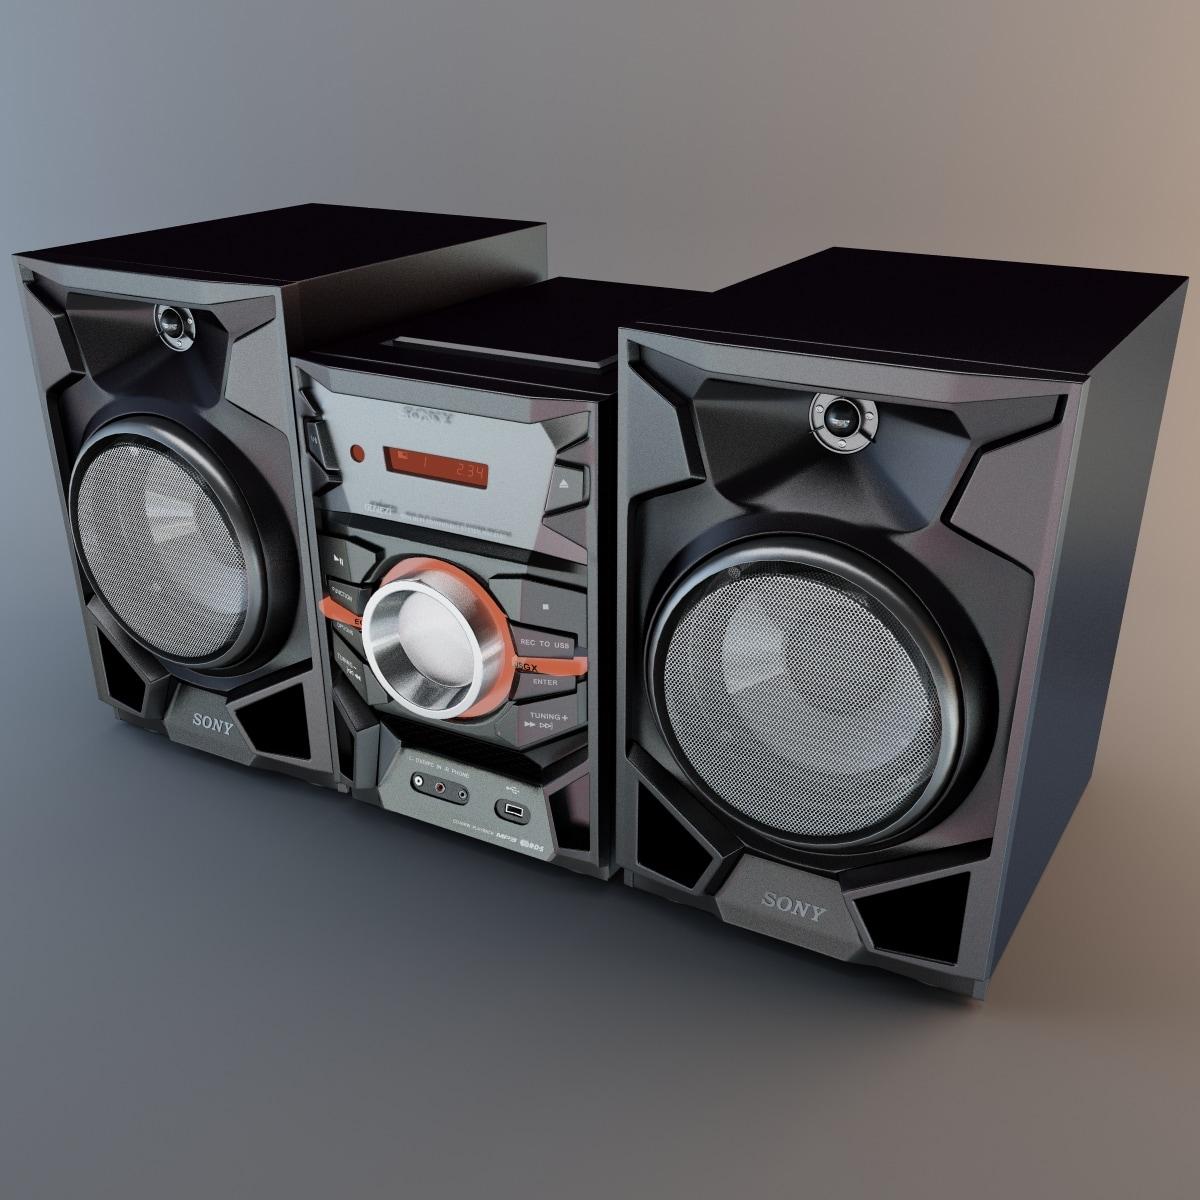 Stereo_Double_Cassette_Tape_Sony_MHC_EX900_2_004.jpg